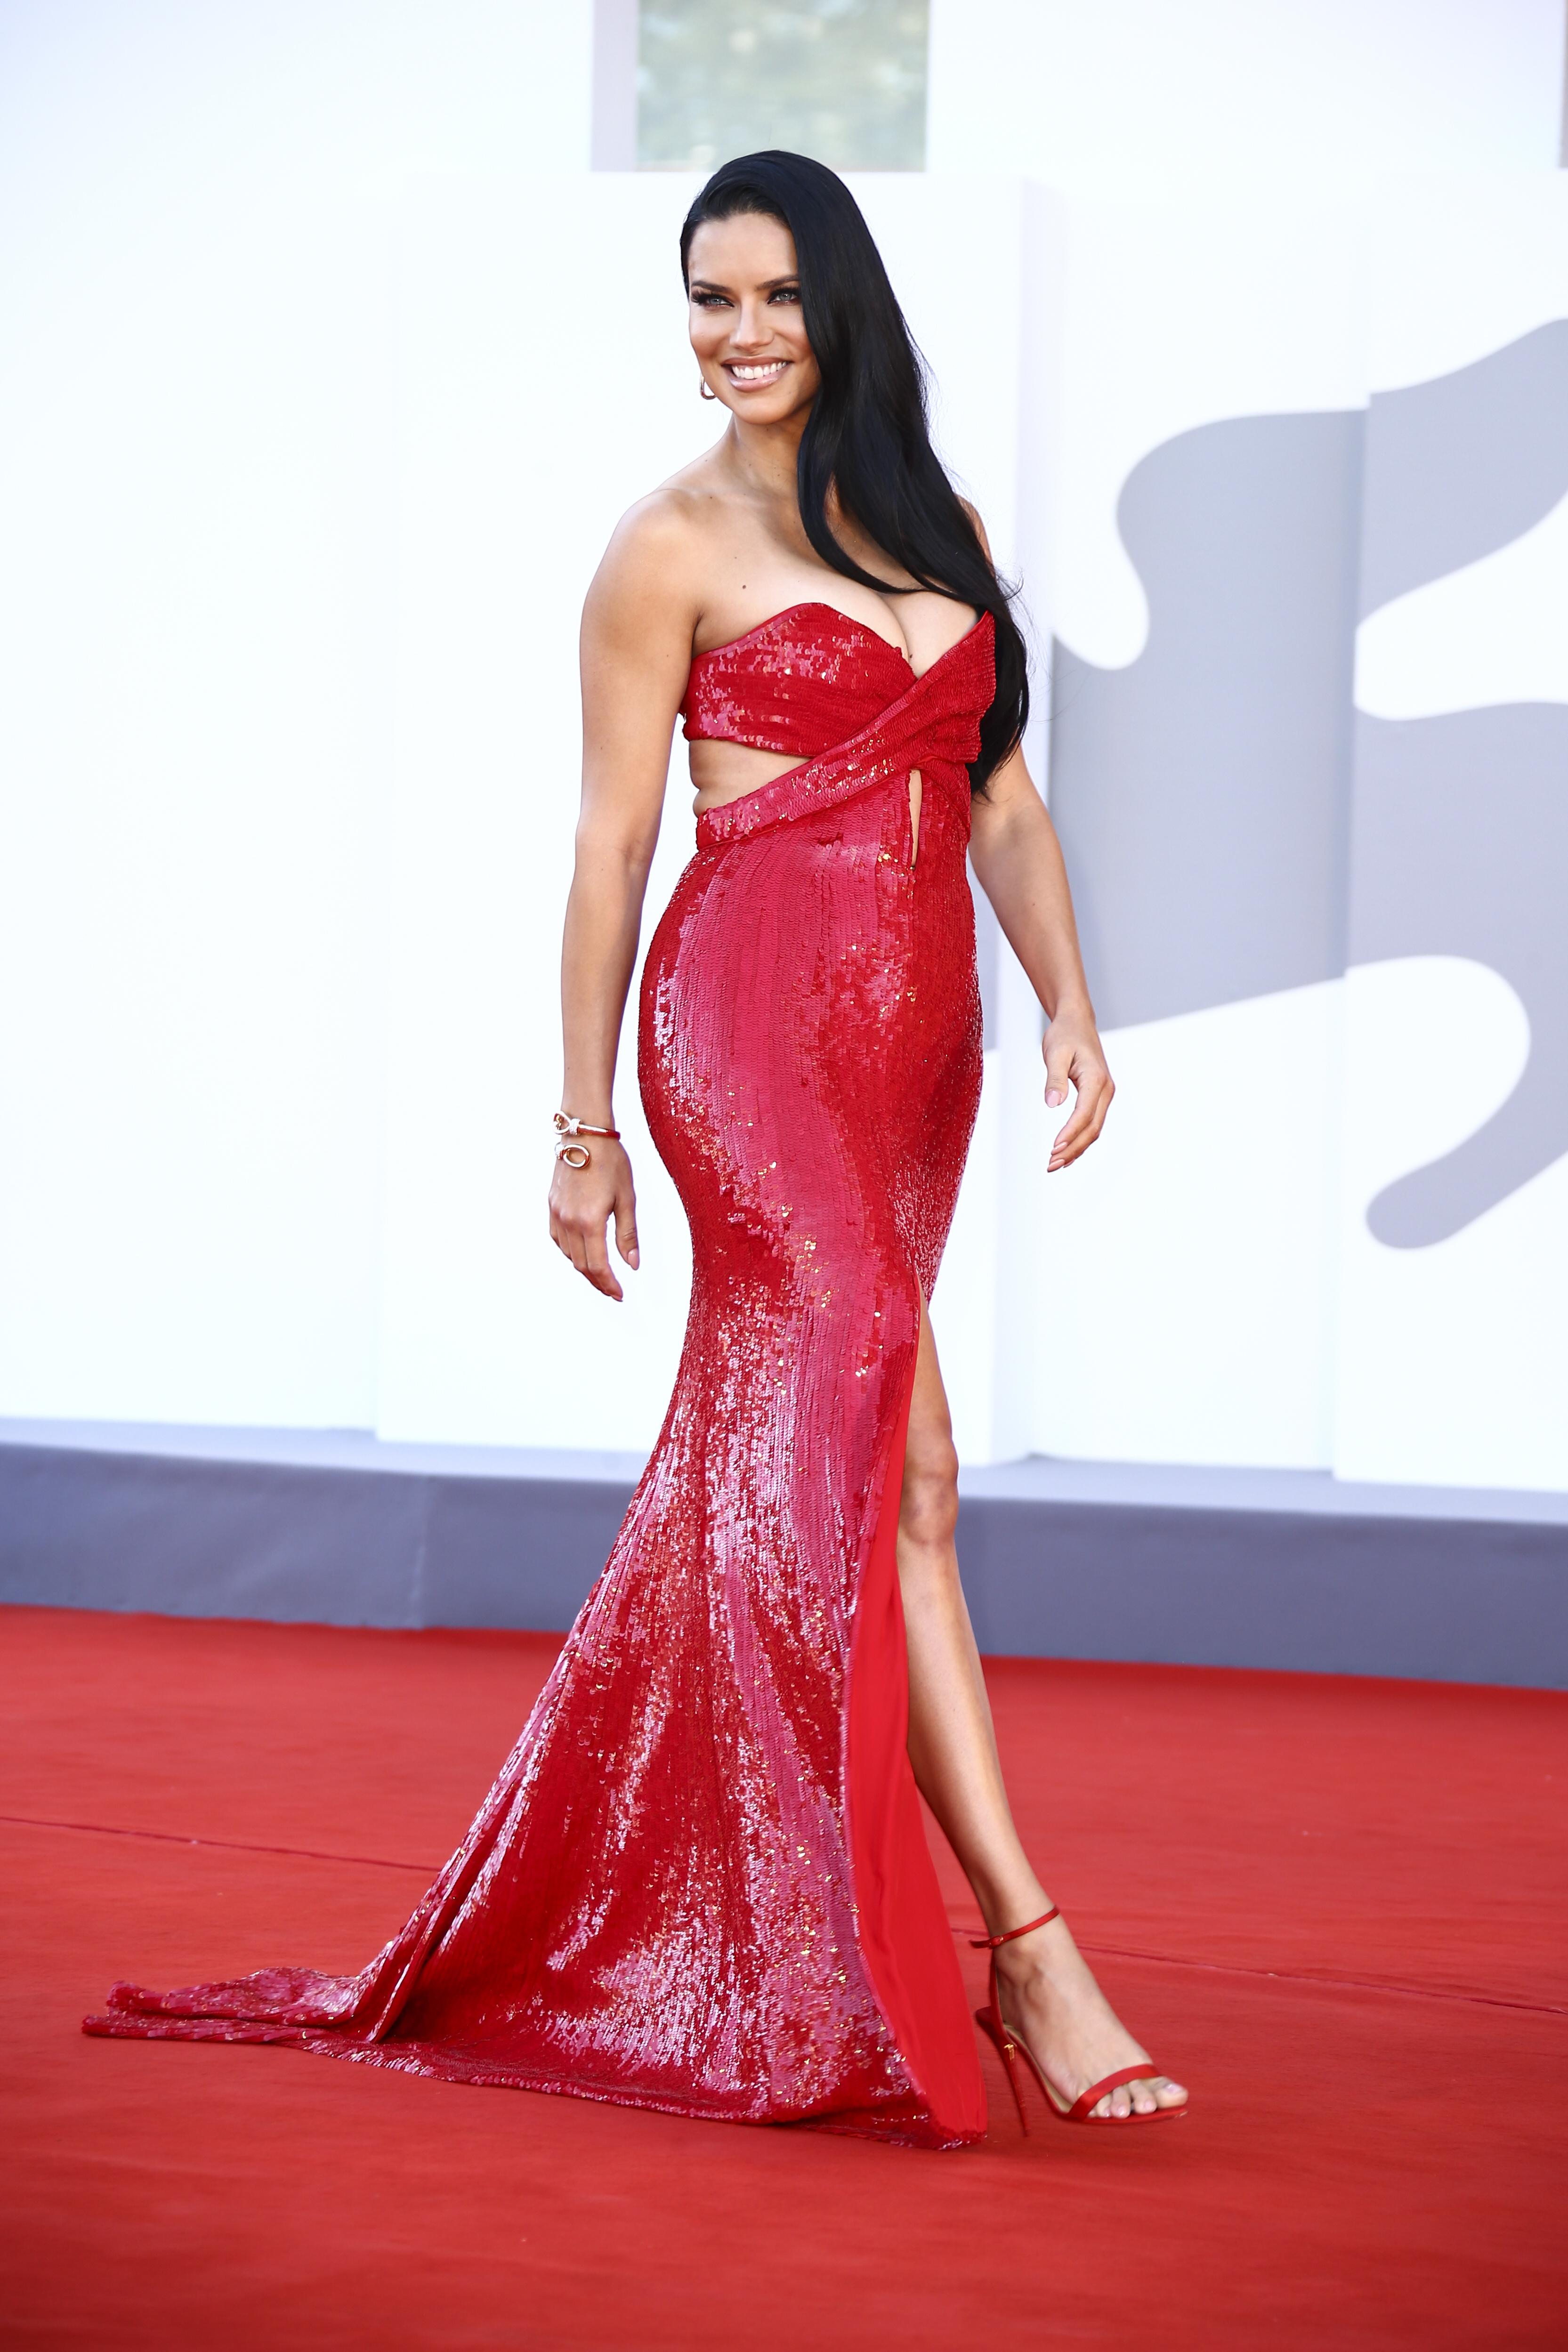 Adriana Lima indossa un maxi abito rosso scintillante con un lungo spacco.  C'è un taglio del corpetto del vestito.